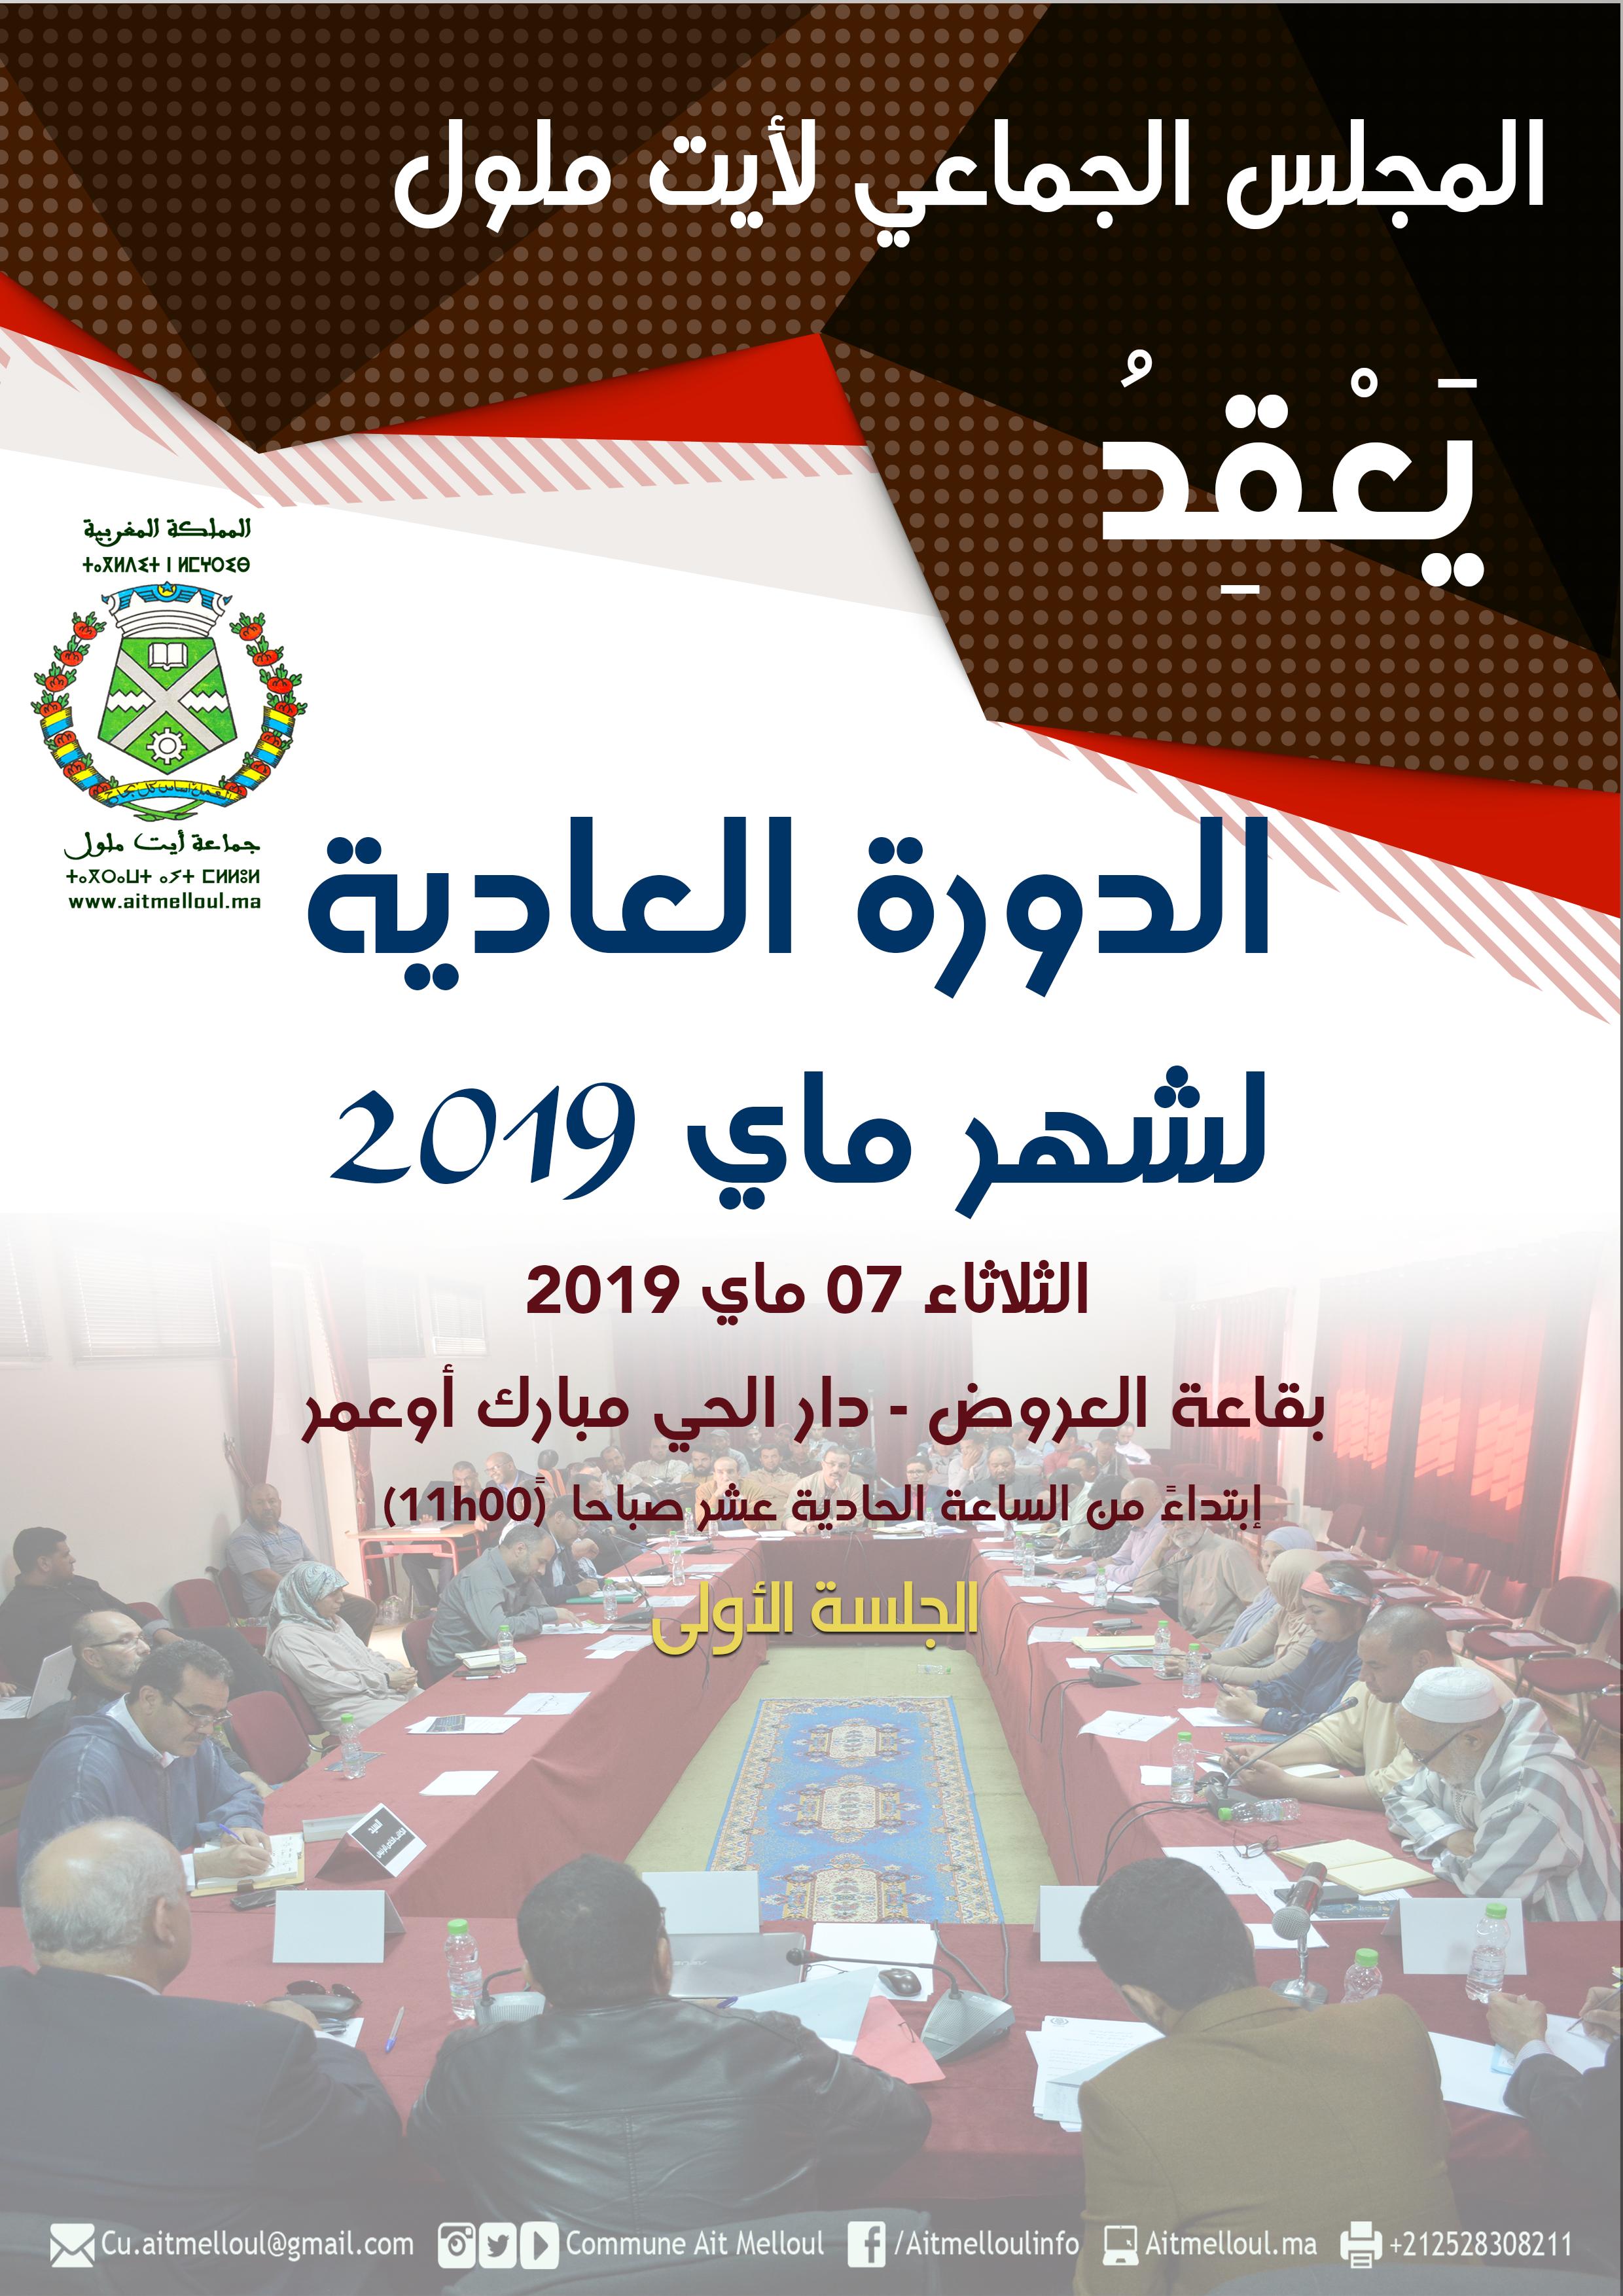 المجلس يعقد يوم غد الثلاثاء 7 ماي 2019 الجلسة الأولى لدورة ماي لمناقشة النقط التالية